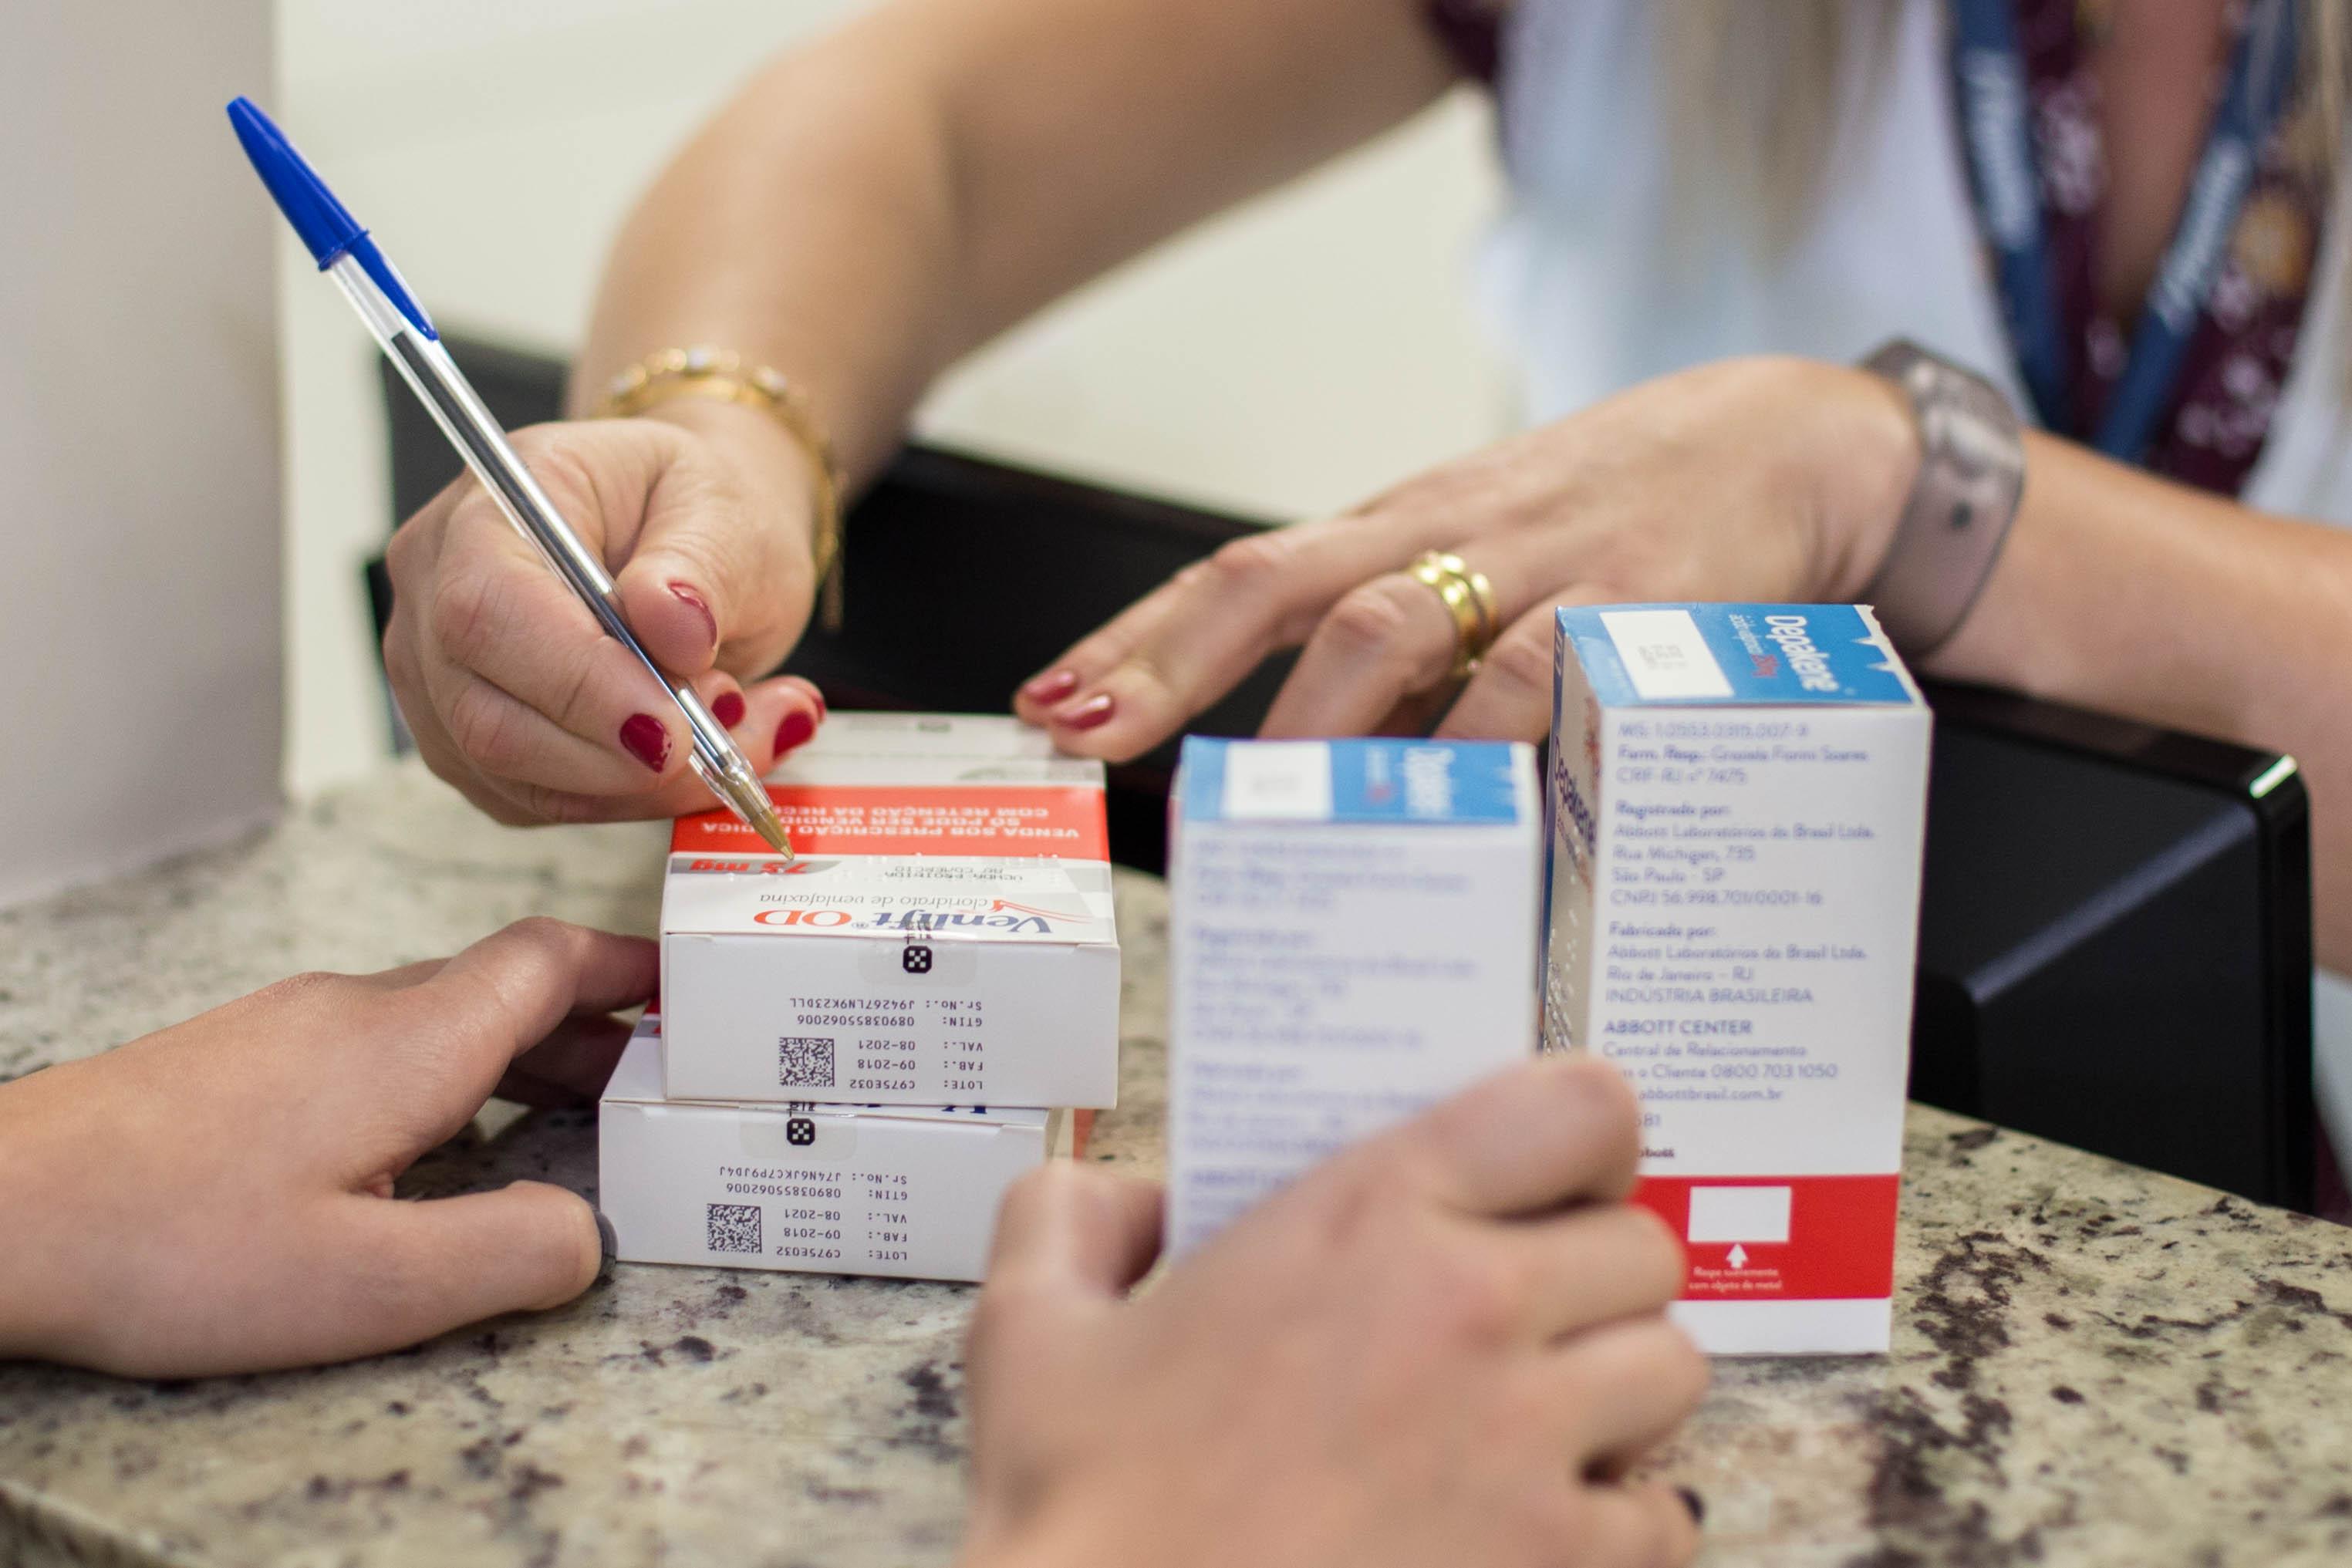 A Unidade Básica de Saúde (UBS) Olímpico passa a ser um dos 12 pontos de retirada de medicamentos controlados. Foto: Vivian Silva/PMM